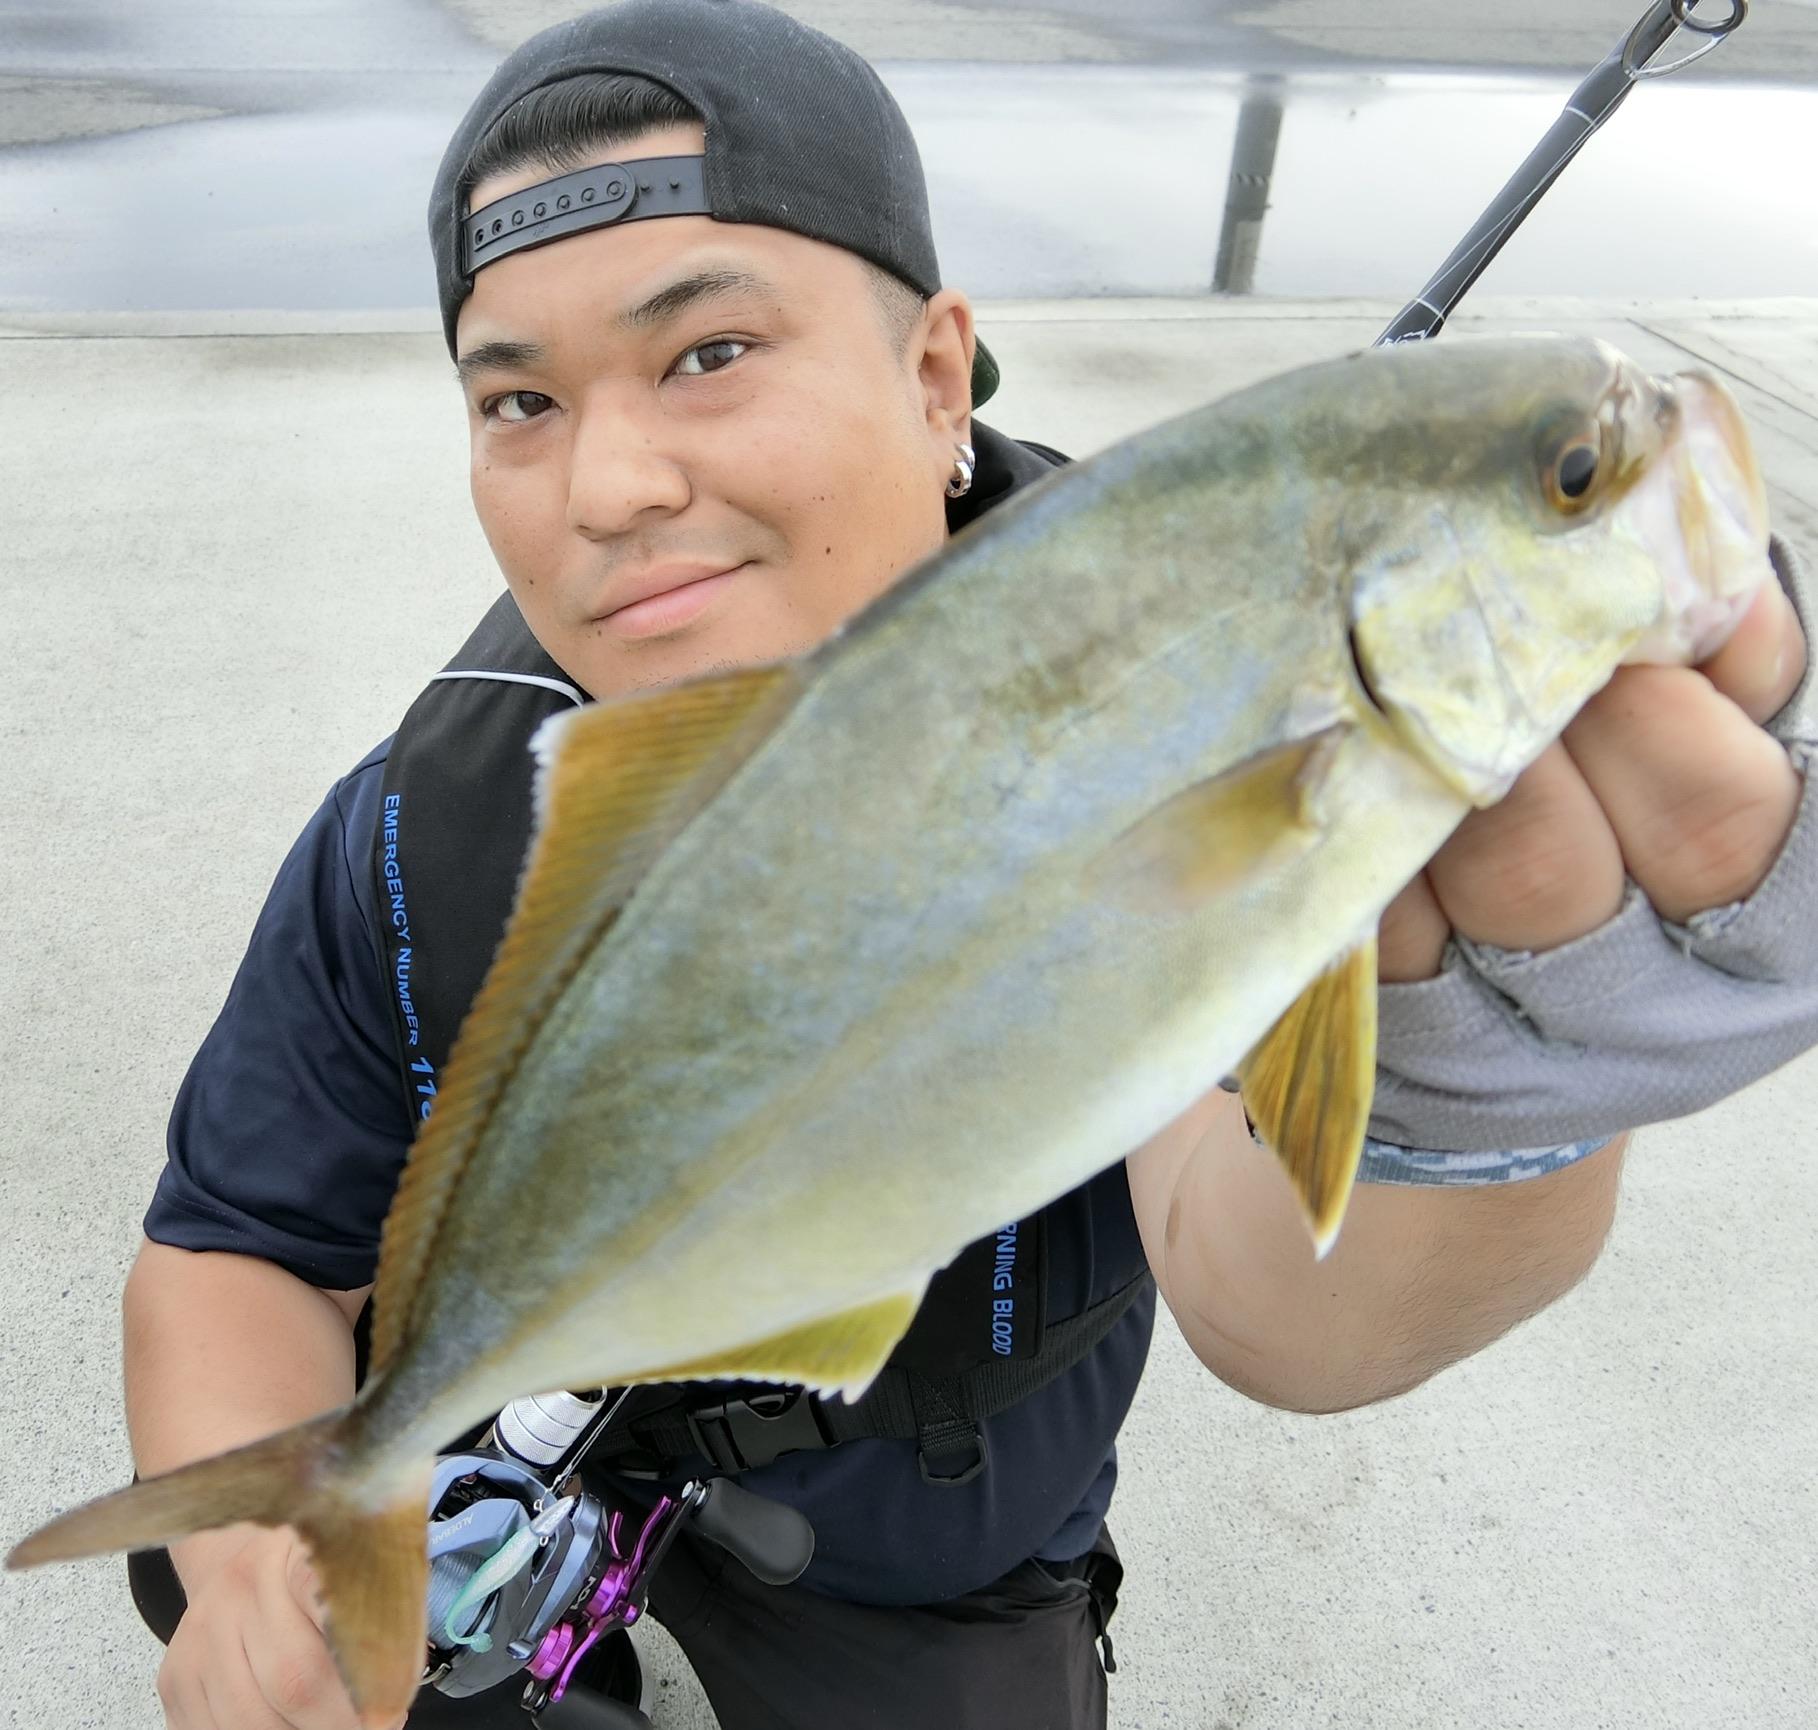 ロッド1本で楽しむ夏の釣り